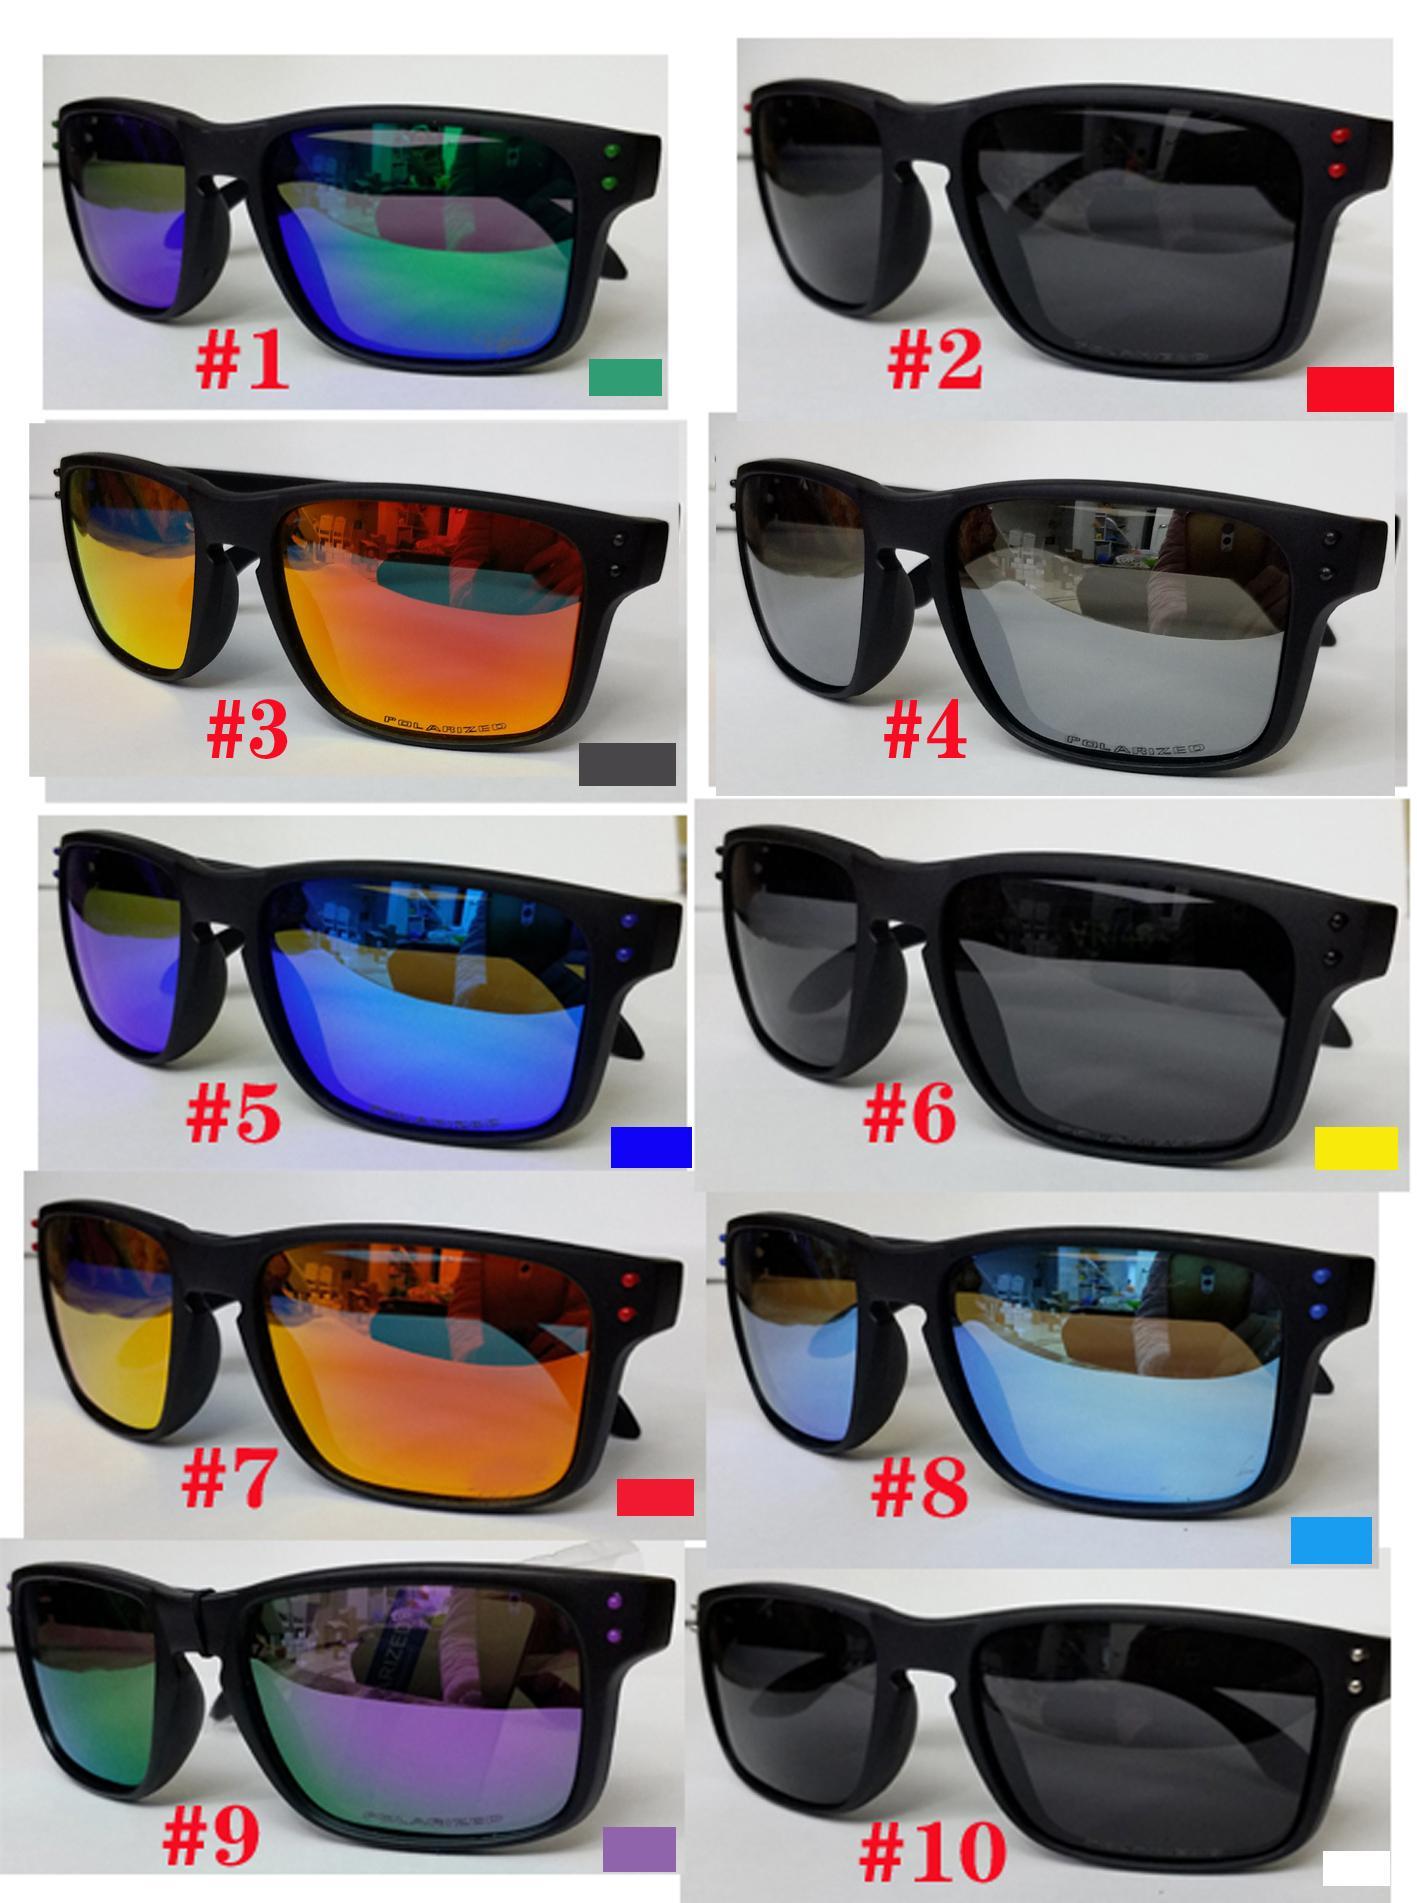 موك = 10 قطع الربيع الرجل والمرأة الاستقطاب النظارات الشمسية الرجال القيادة الأزياء يندبروف المرأة الرياضة الدراجات نظارات نظارات النظارات البضائع 10 لون السفينة حرة